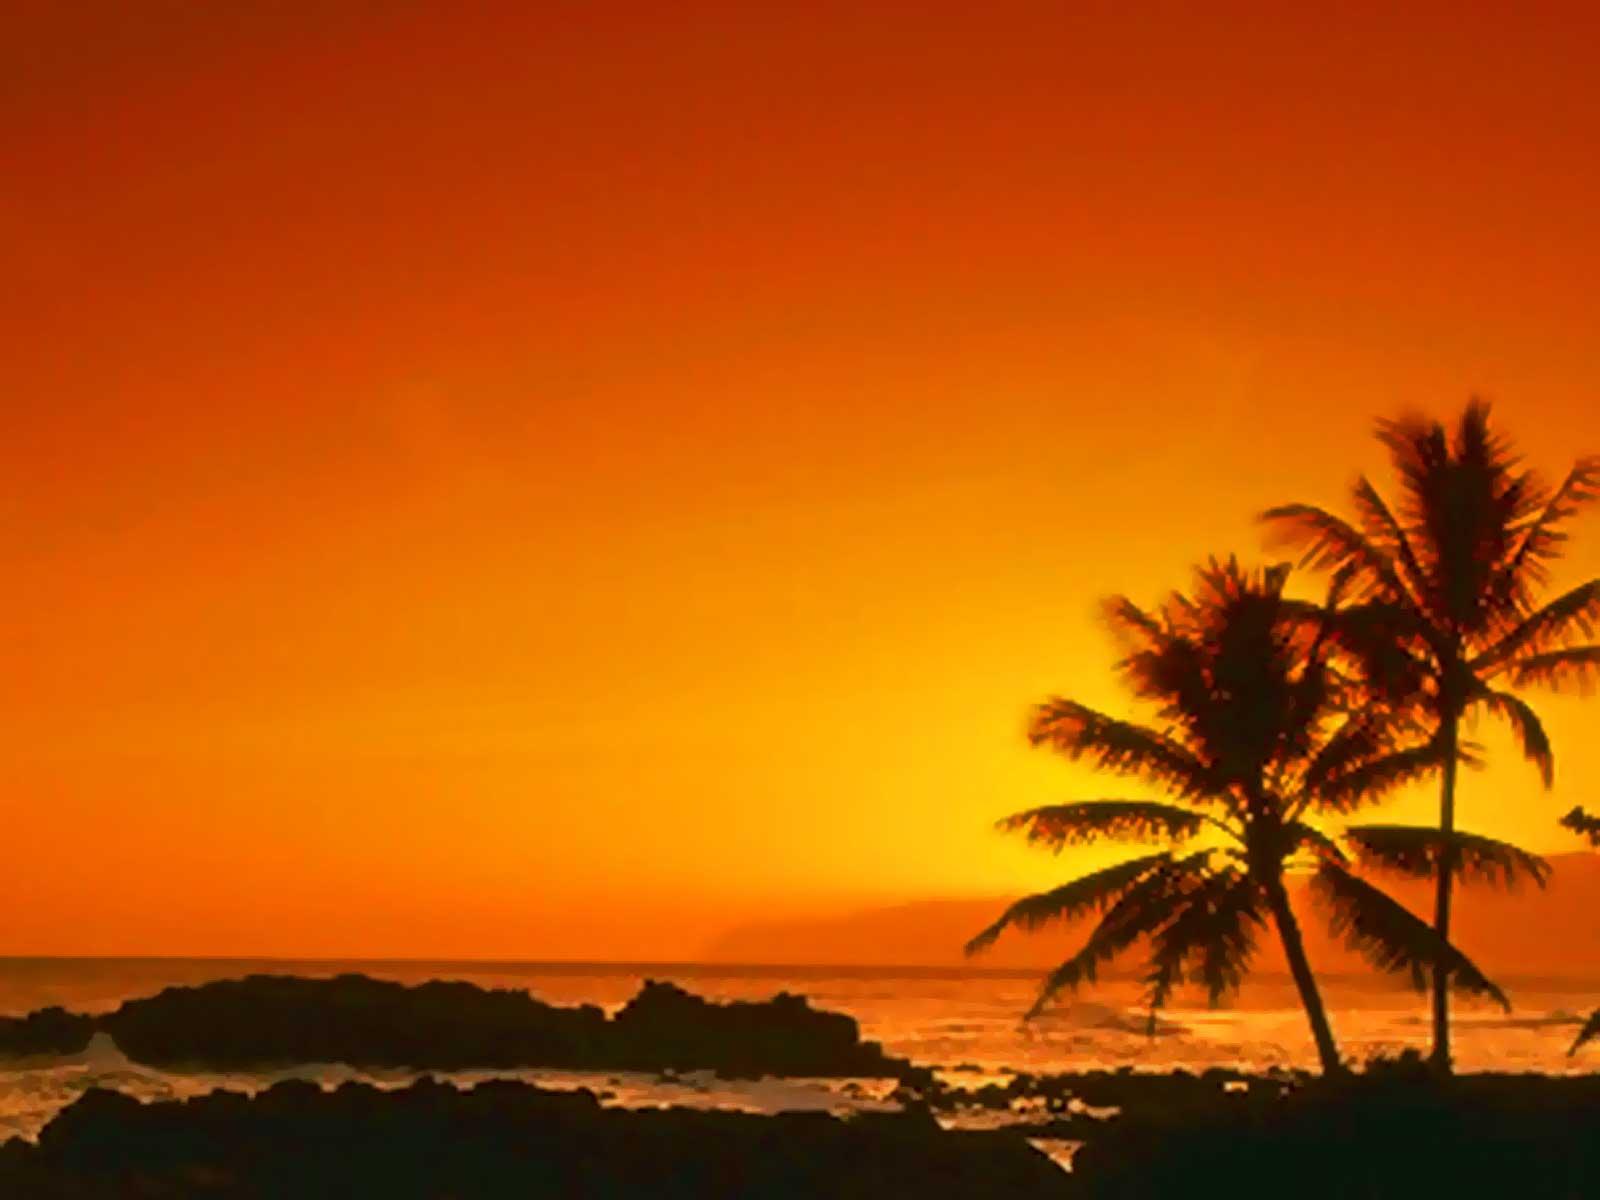 Amazing Sunsets - Wonderful - photo#8